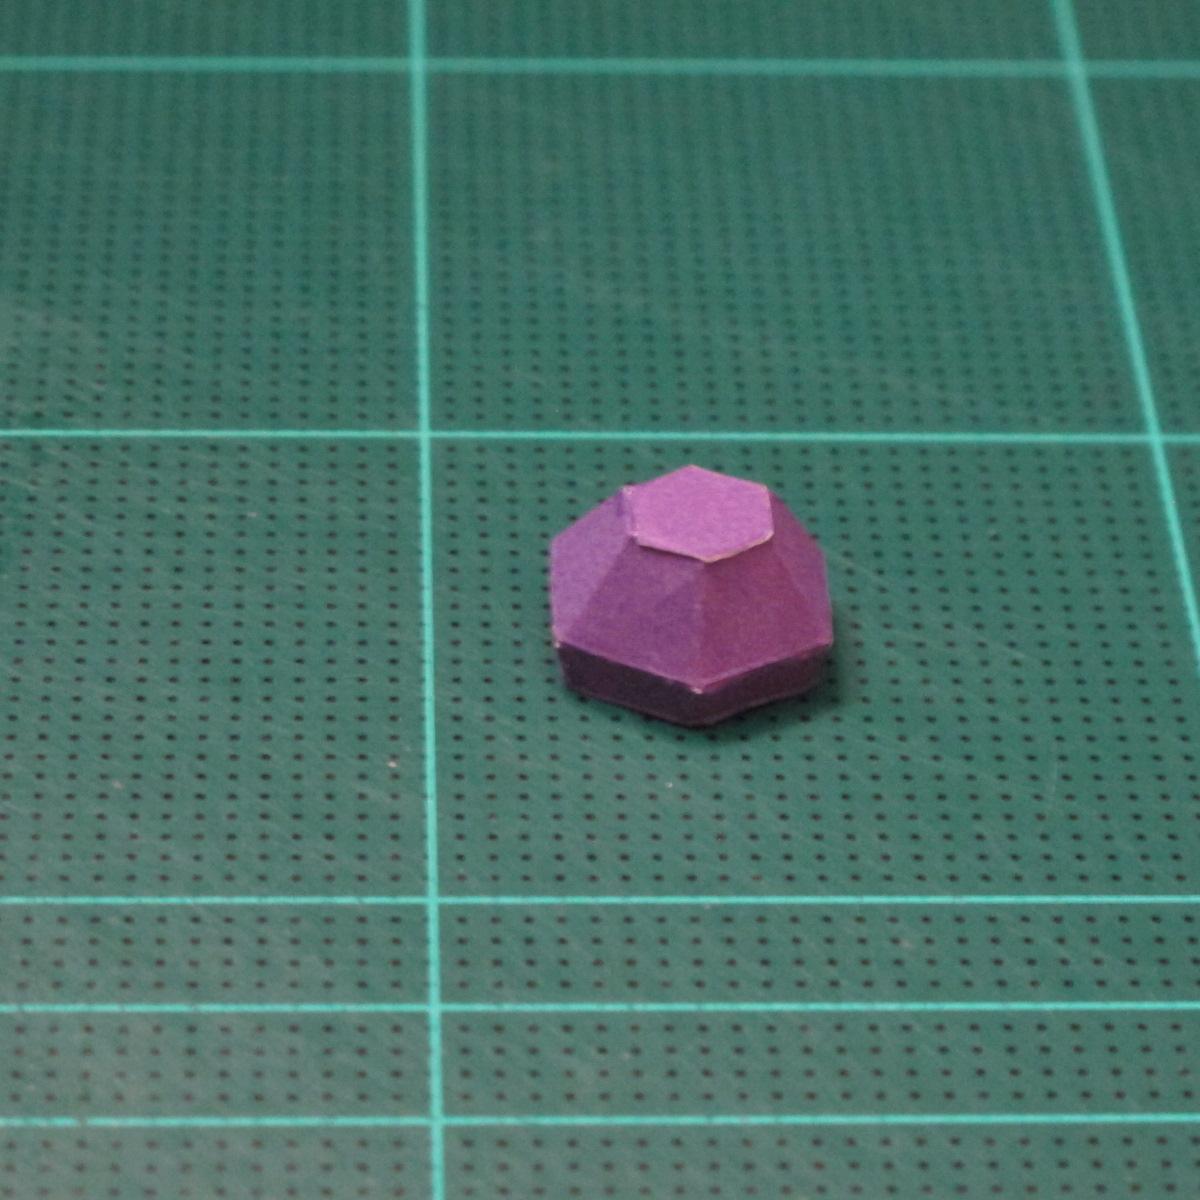 วิธีทำโมเดลกระดาษตุ้กตา คุกกี้รสราชินีสเก็ตลีลา จากเกมส์คุกกี้รัน (LINE Cookie Run Skating Queen Cookie Papercraft Model) 003